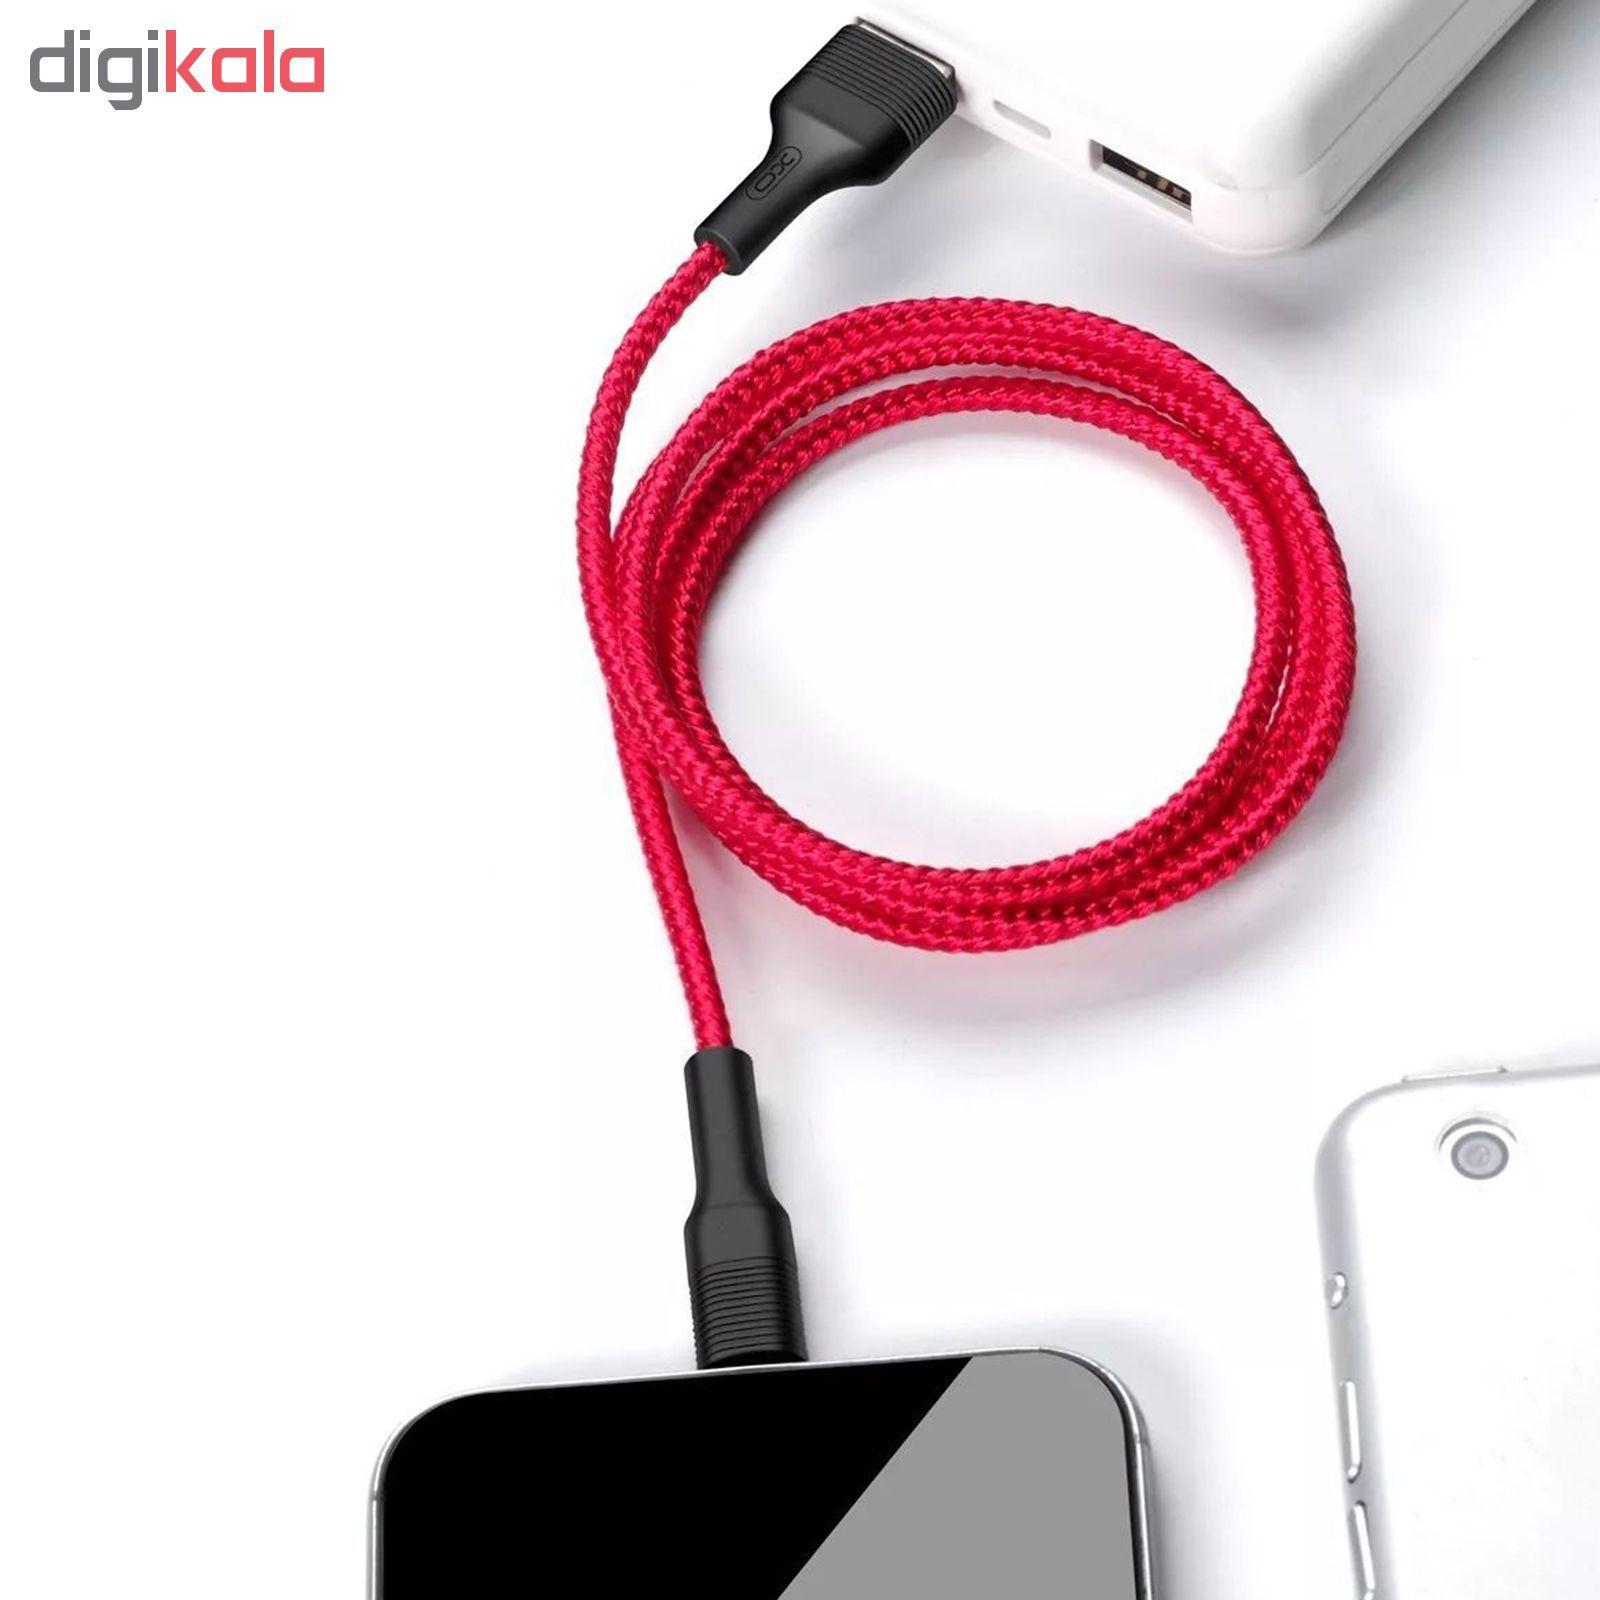 کابل تبدیل USB به لایتنینگ آیفون ایکس او مدل NB51 طول 1 متر main 1 6